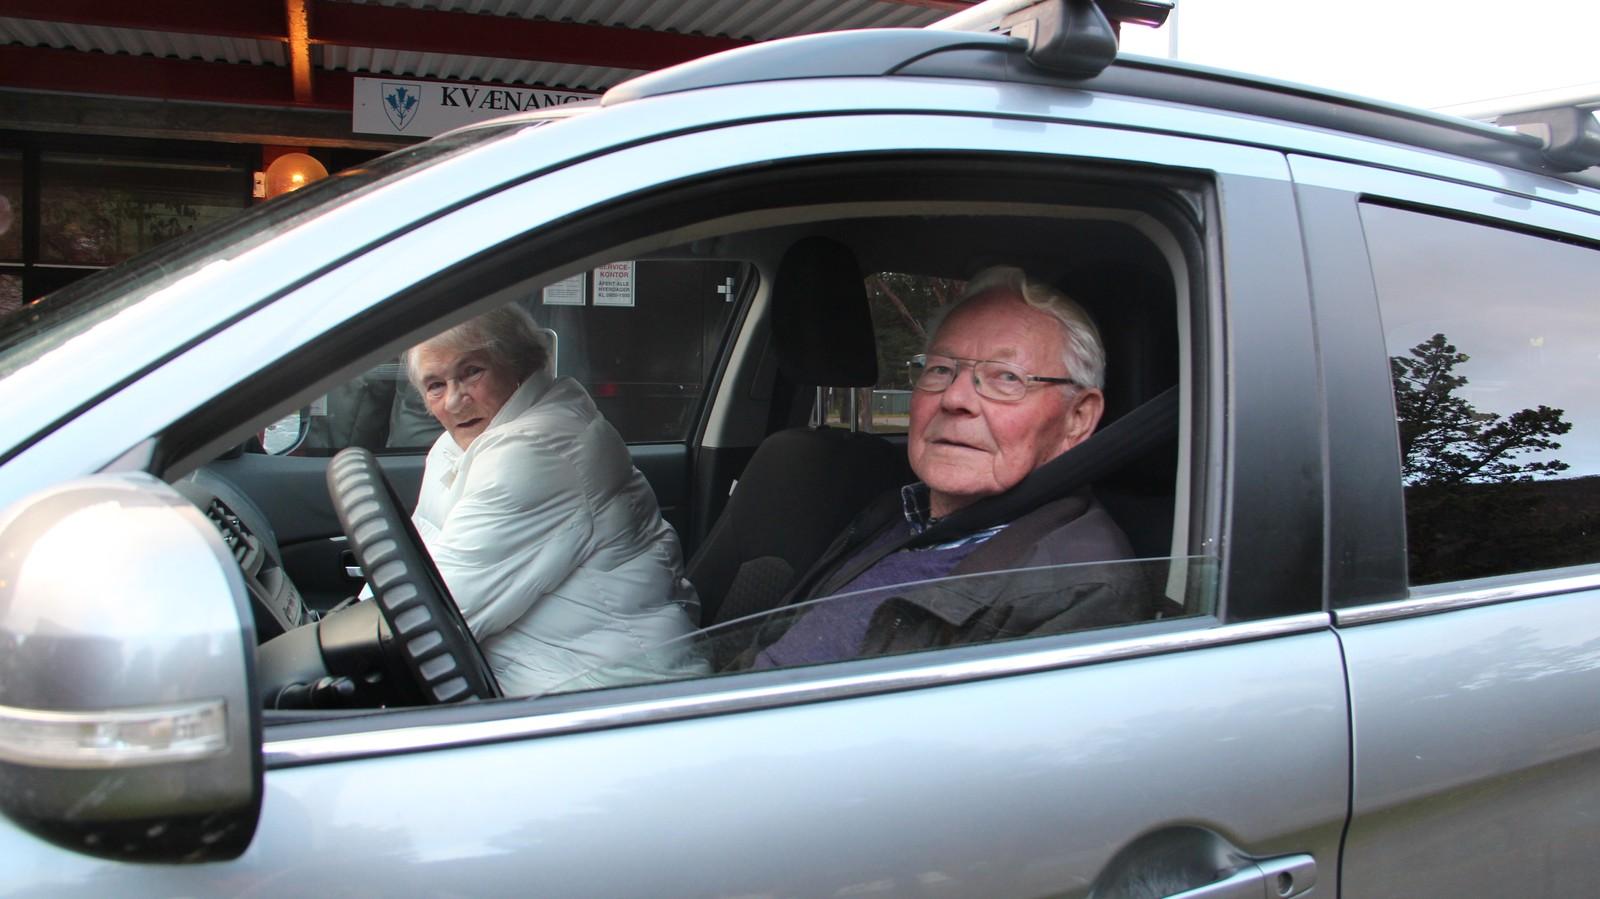 Agnar Jakobsen og venninnen Valborg Johnsen: – Det komme rikke på tale å bli en del av Finnmark. Vi har det bra og vil helst være for oss selv. Blir vi en storkommune frykter at de stikker av med de verdiene vi har, som penger og arbeidsplasser, sier de.